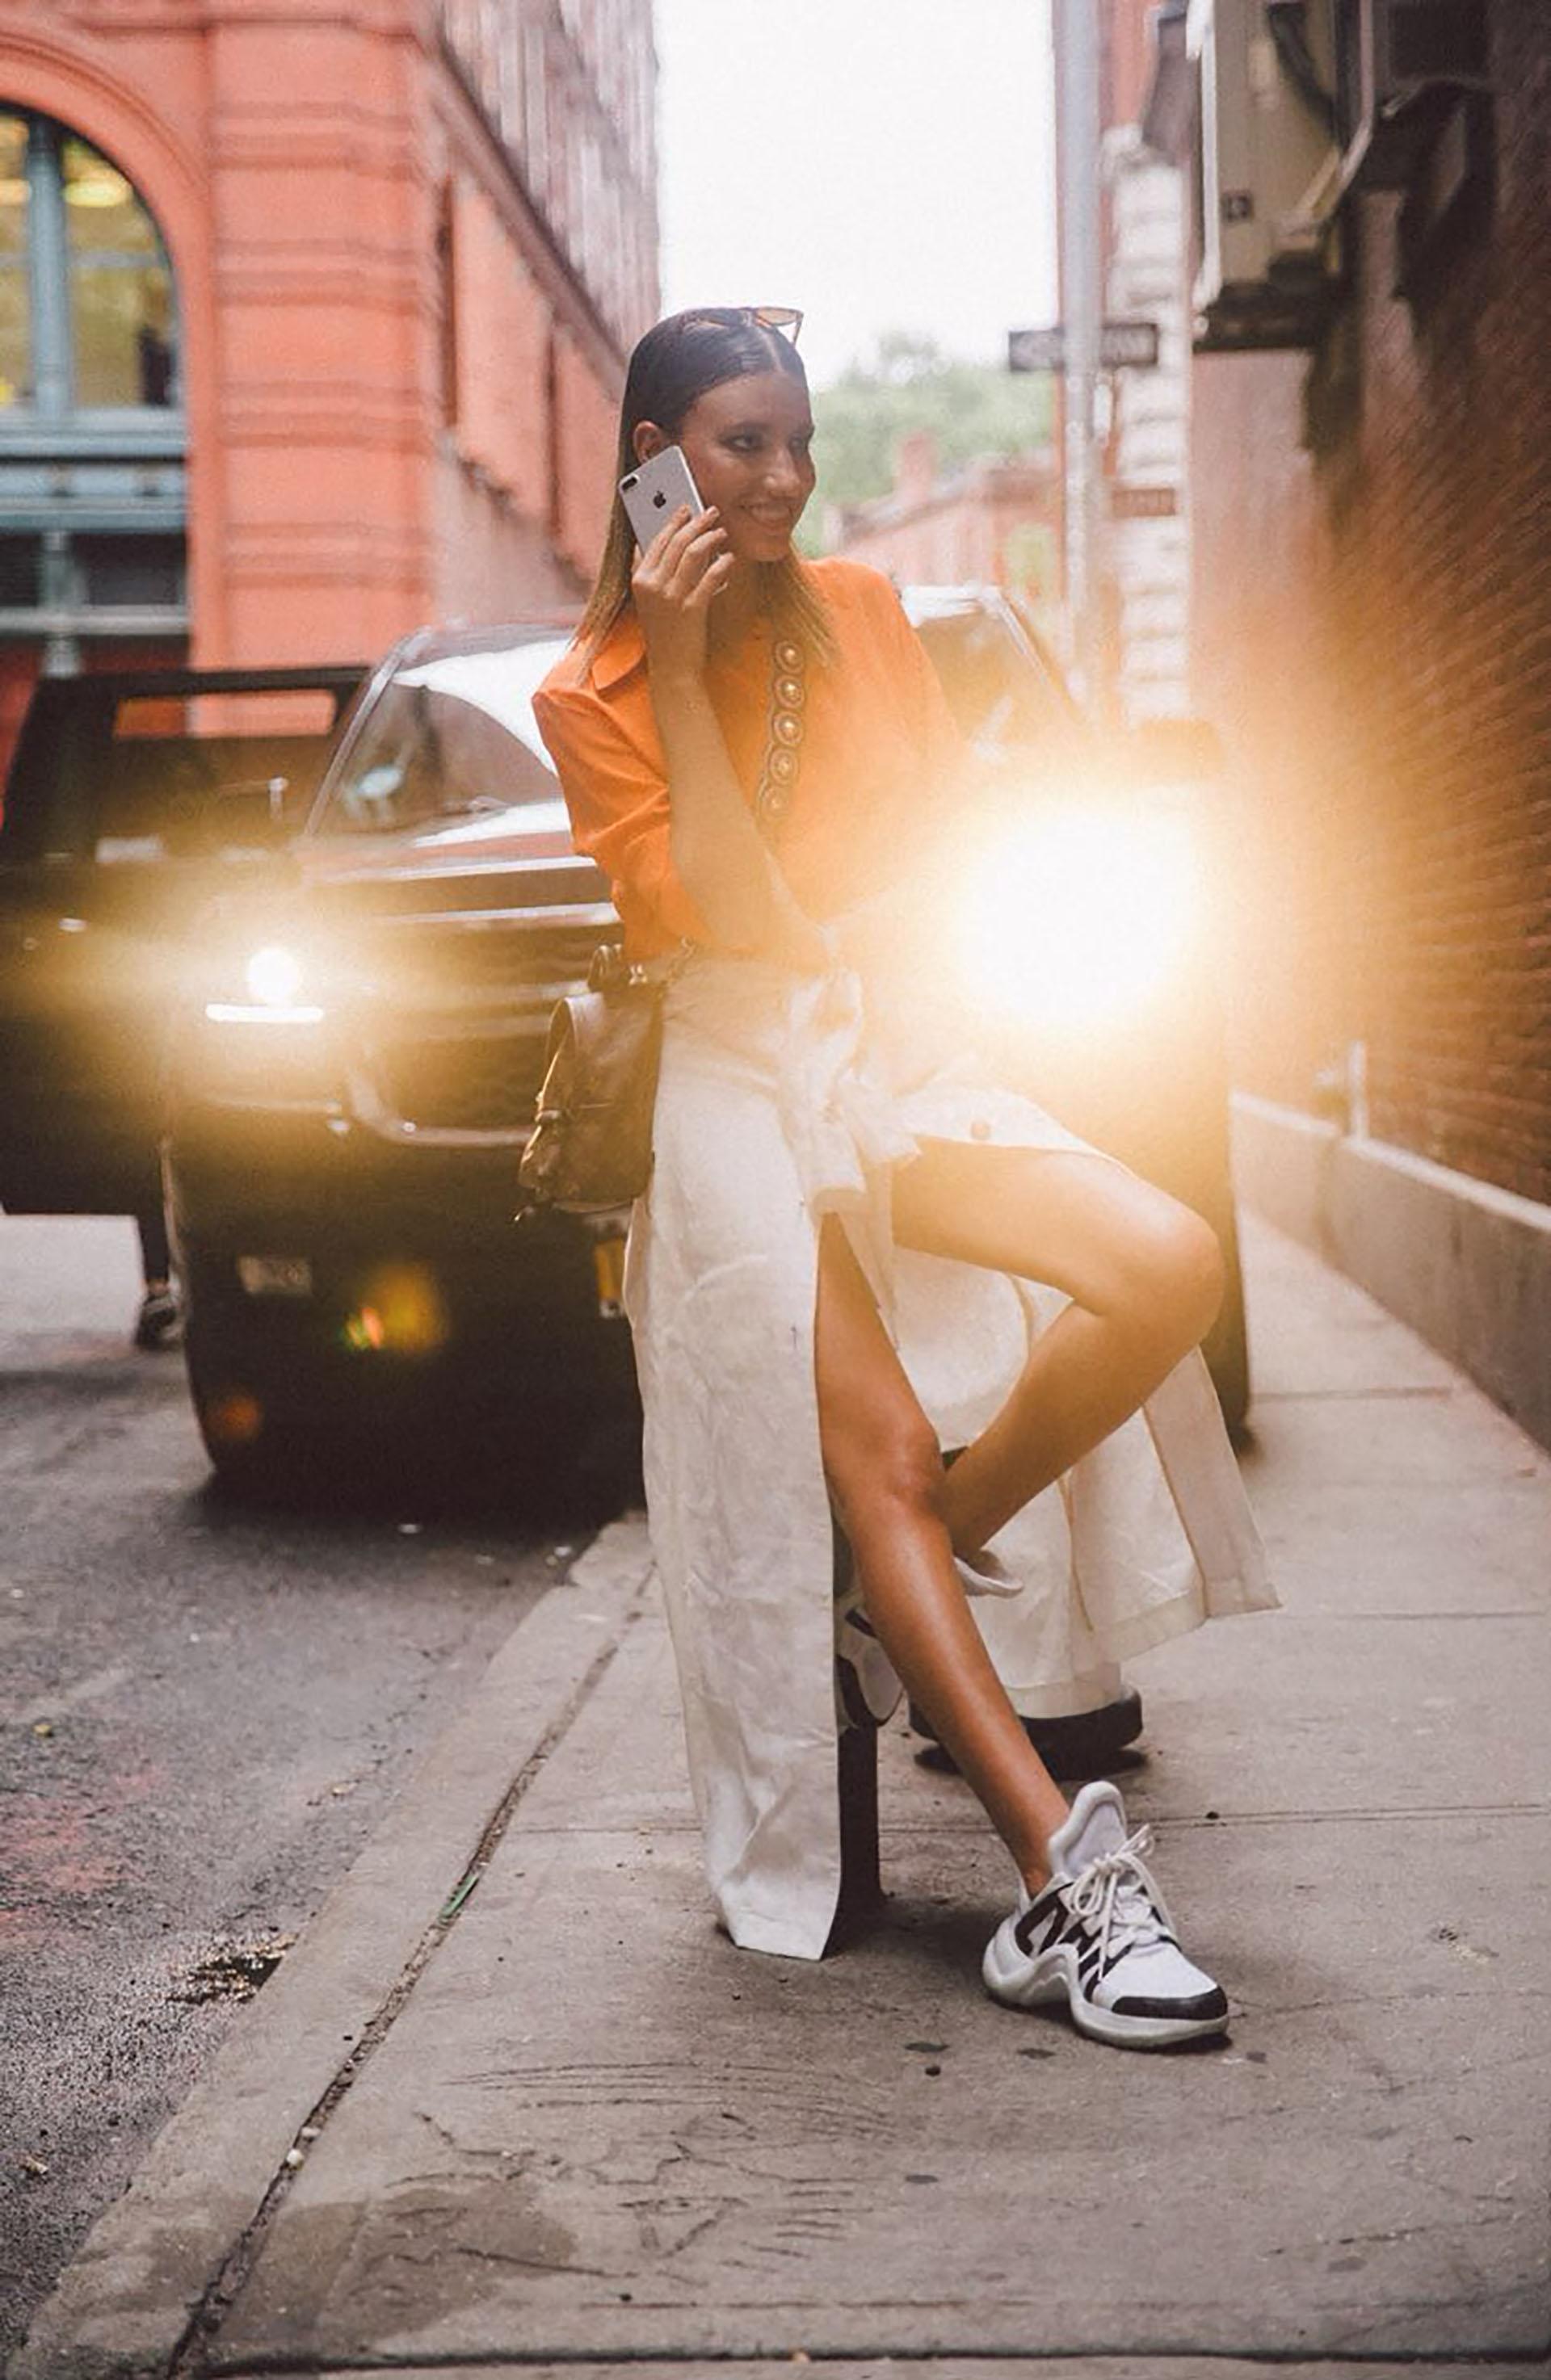 El vintage sigue siendo parte de una ola fashionista que llegó para quedarse. volver a los guardarropas de los 90′ nos inspira esta temporada. – camisa @trosman_oficial – falda @calandraoficial – minibag @louisvuitton – zapatillas @lousivuitton